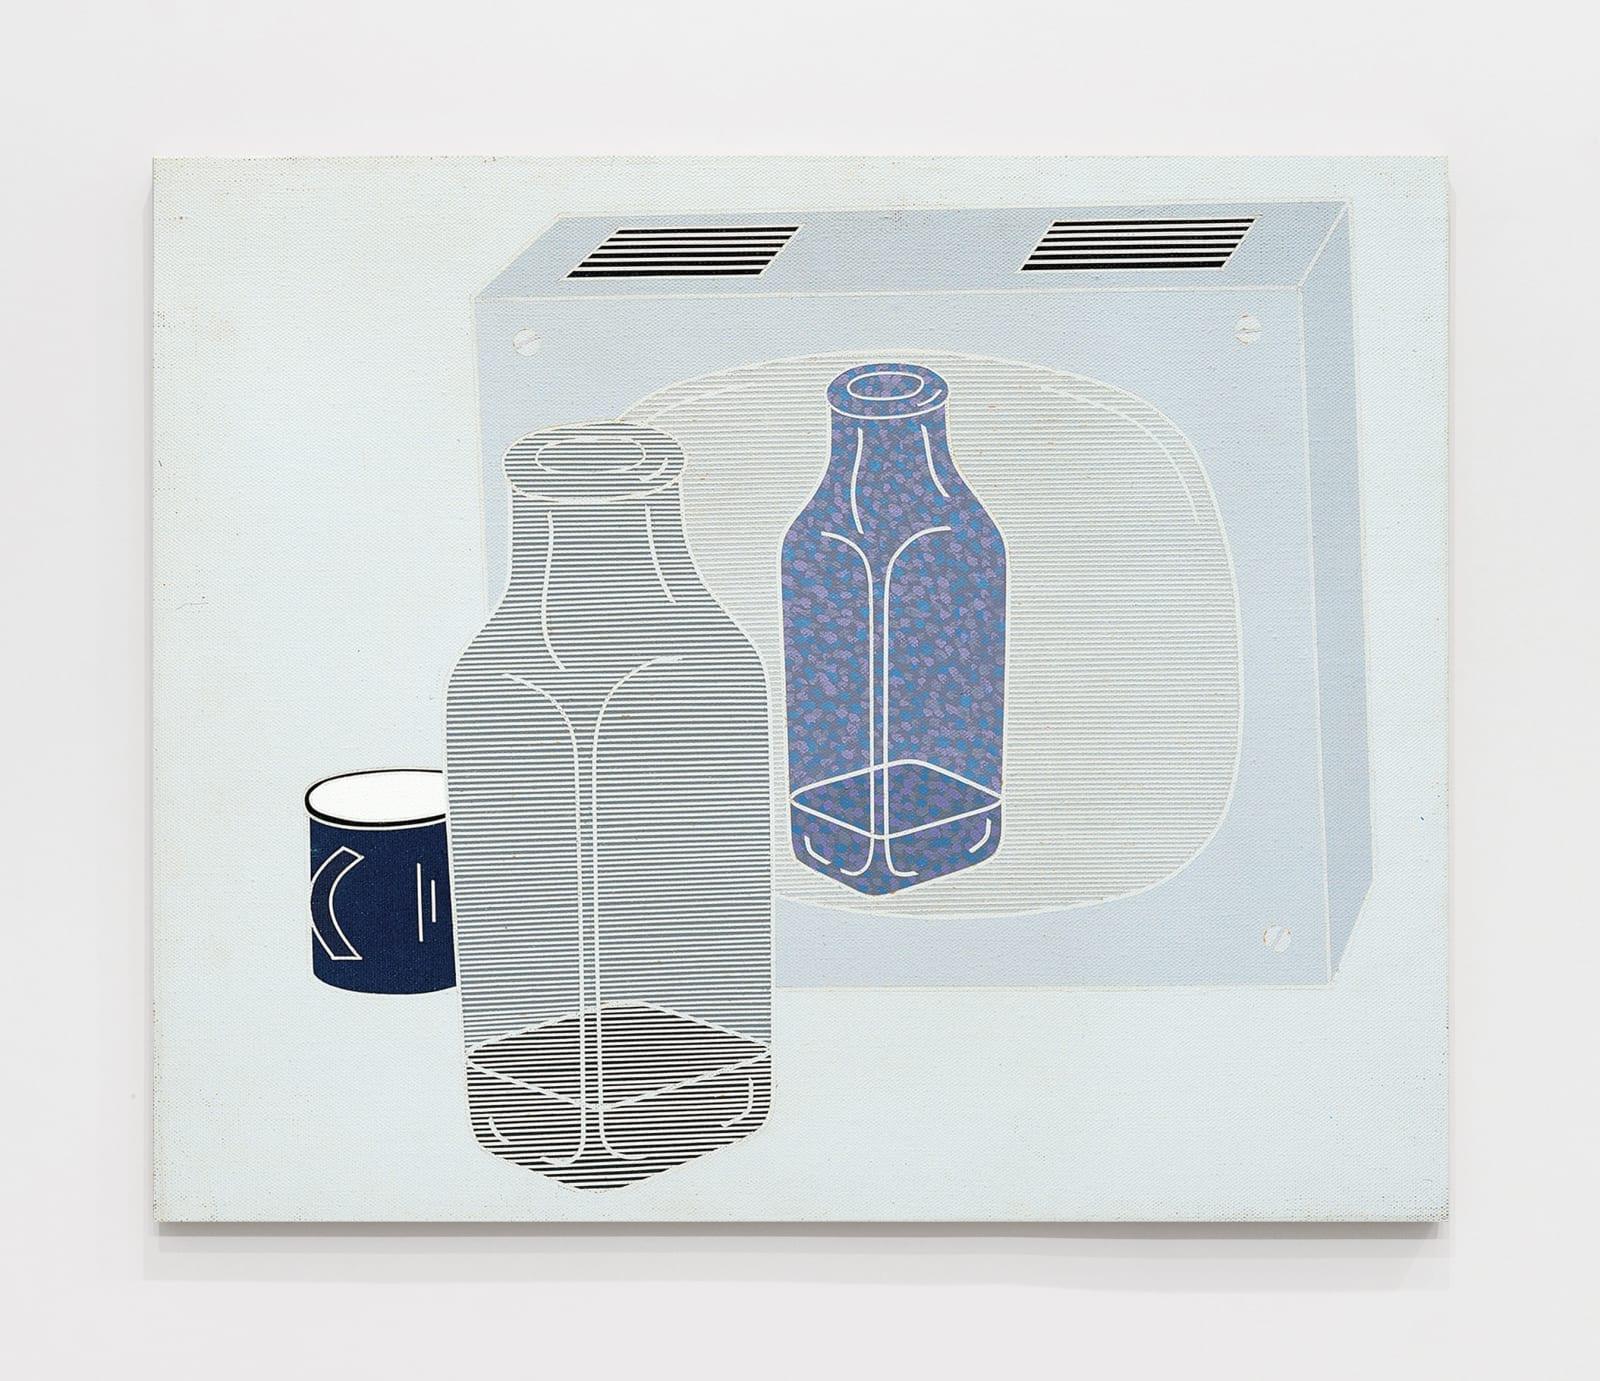 Circuito Chiuso. La Bottiglia / Closed Circuit. The Bottle 1969 Acrylic on canvas 23 5/8 x 28 3/4 inches (60 x 73 cm)